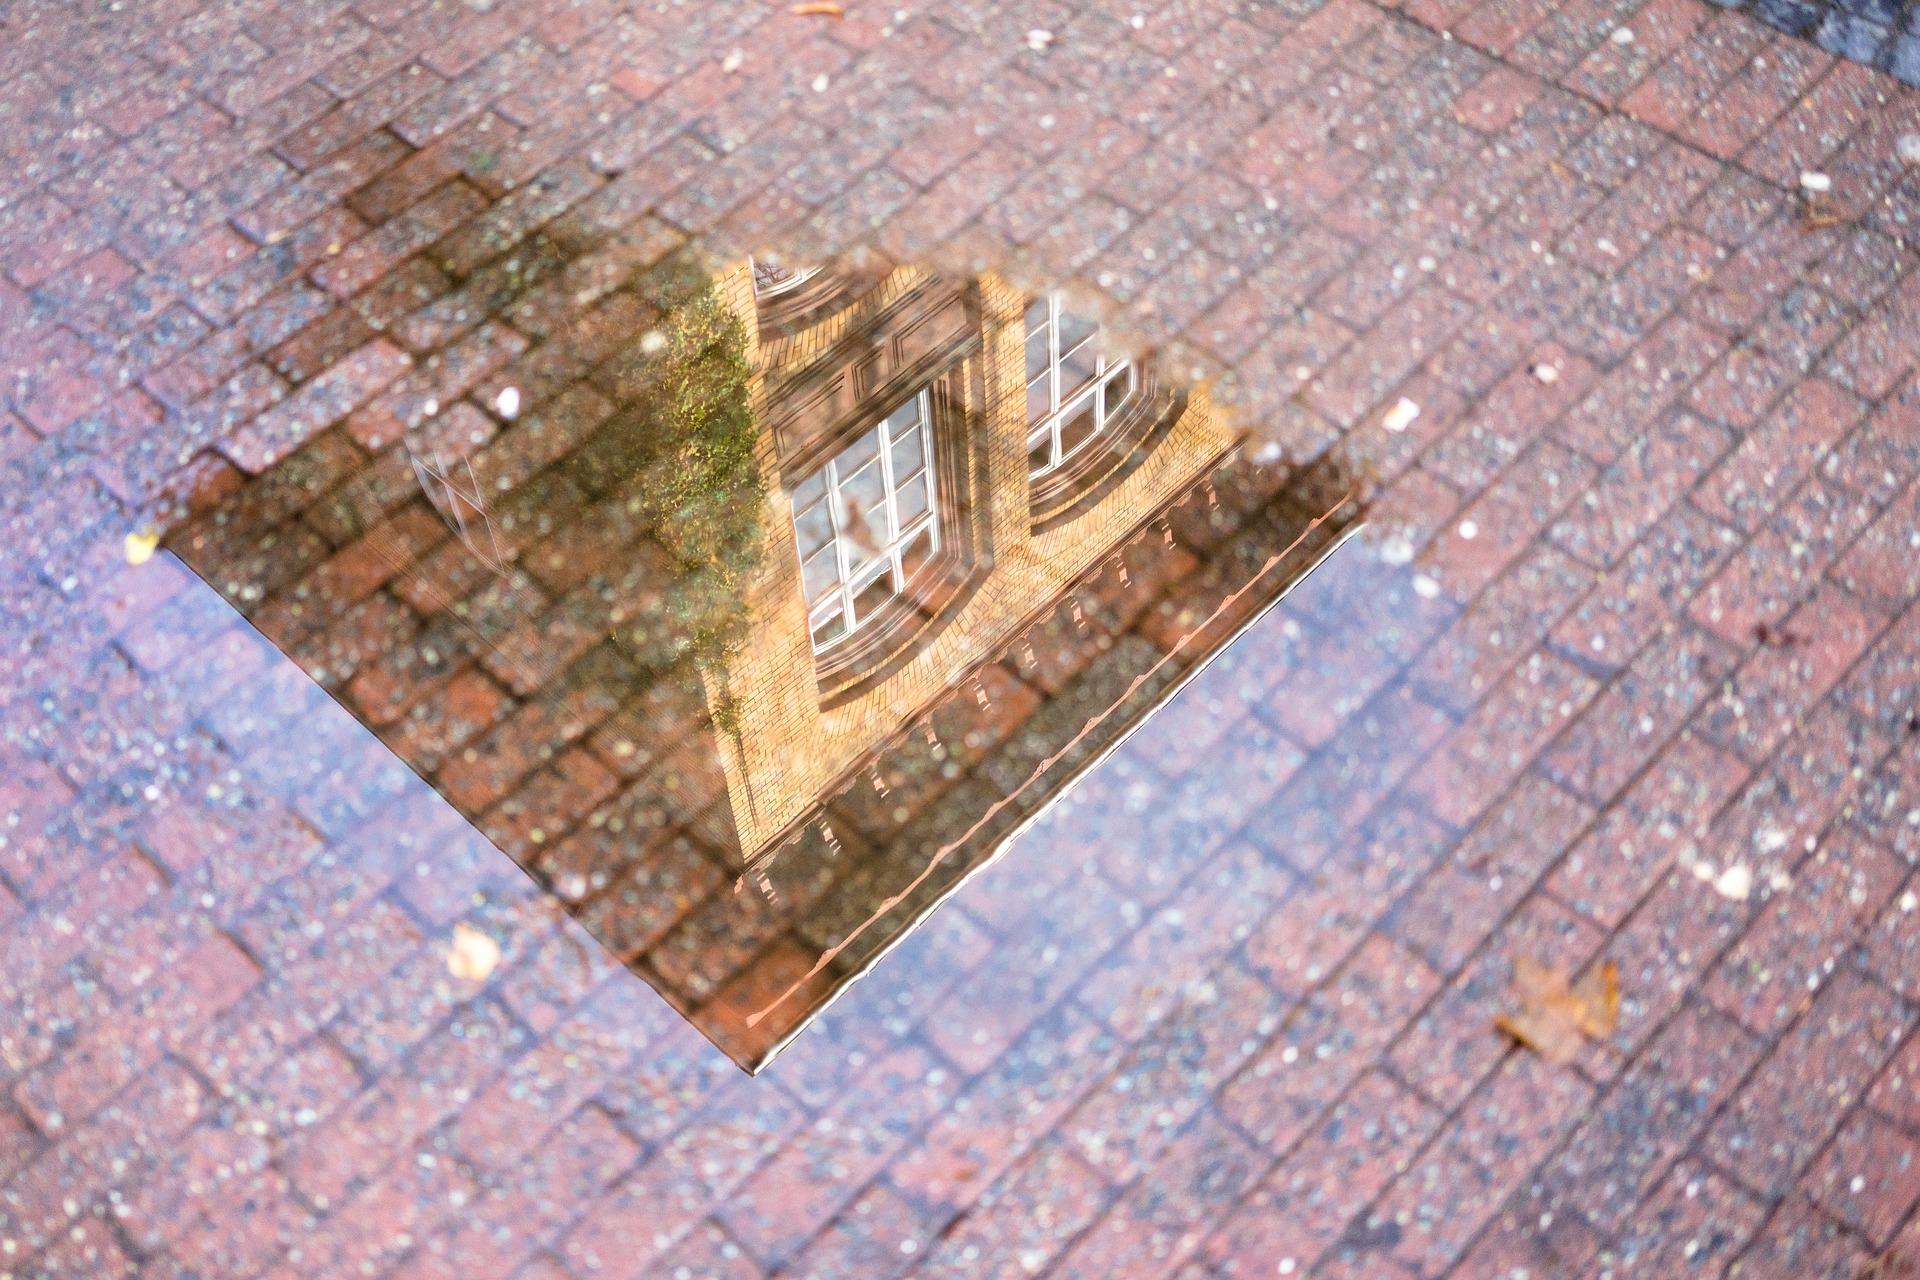 Wohnhaus spiegelt sich in einer Pfütze